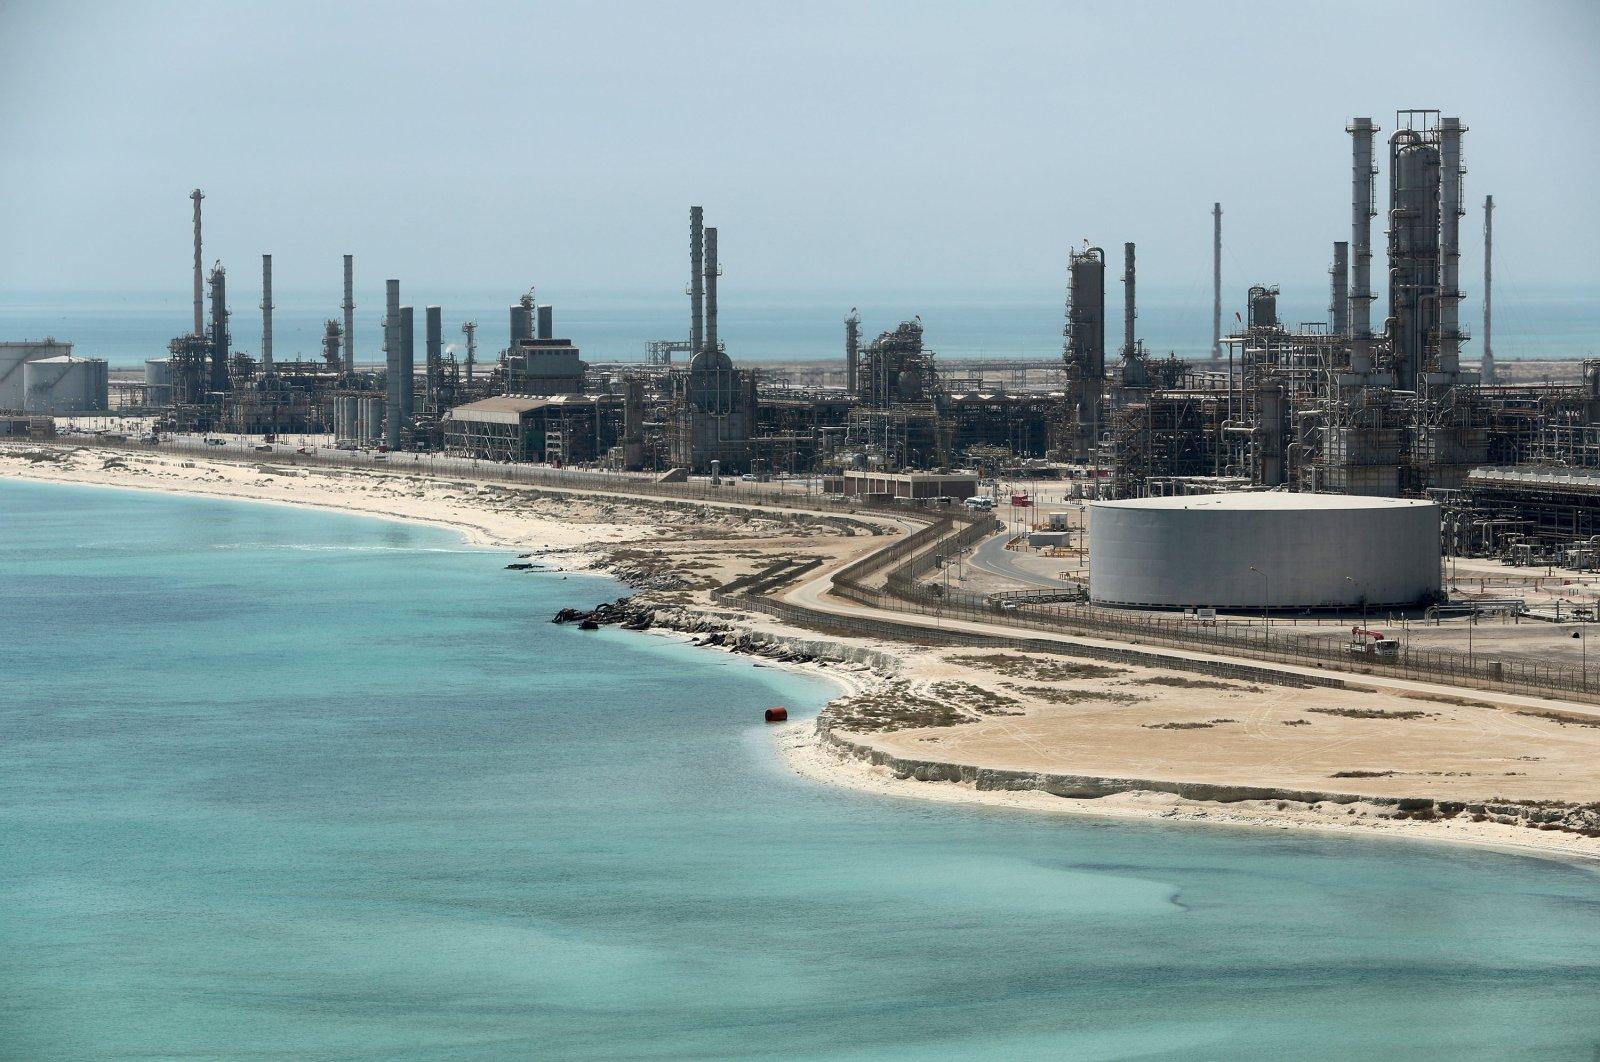 General view of Saudi Aramco's Ras Tanura oil refinery and oil terminal in Saudi Arabia, May 21, 2018. (REUTERS Photo)